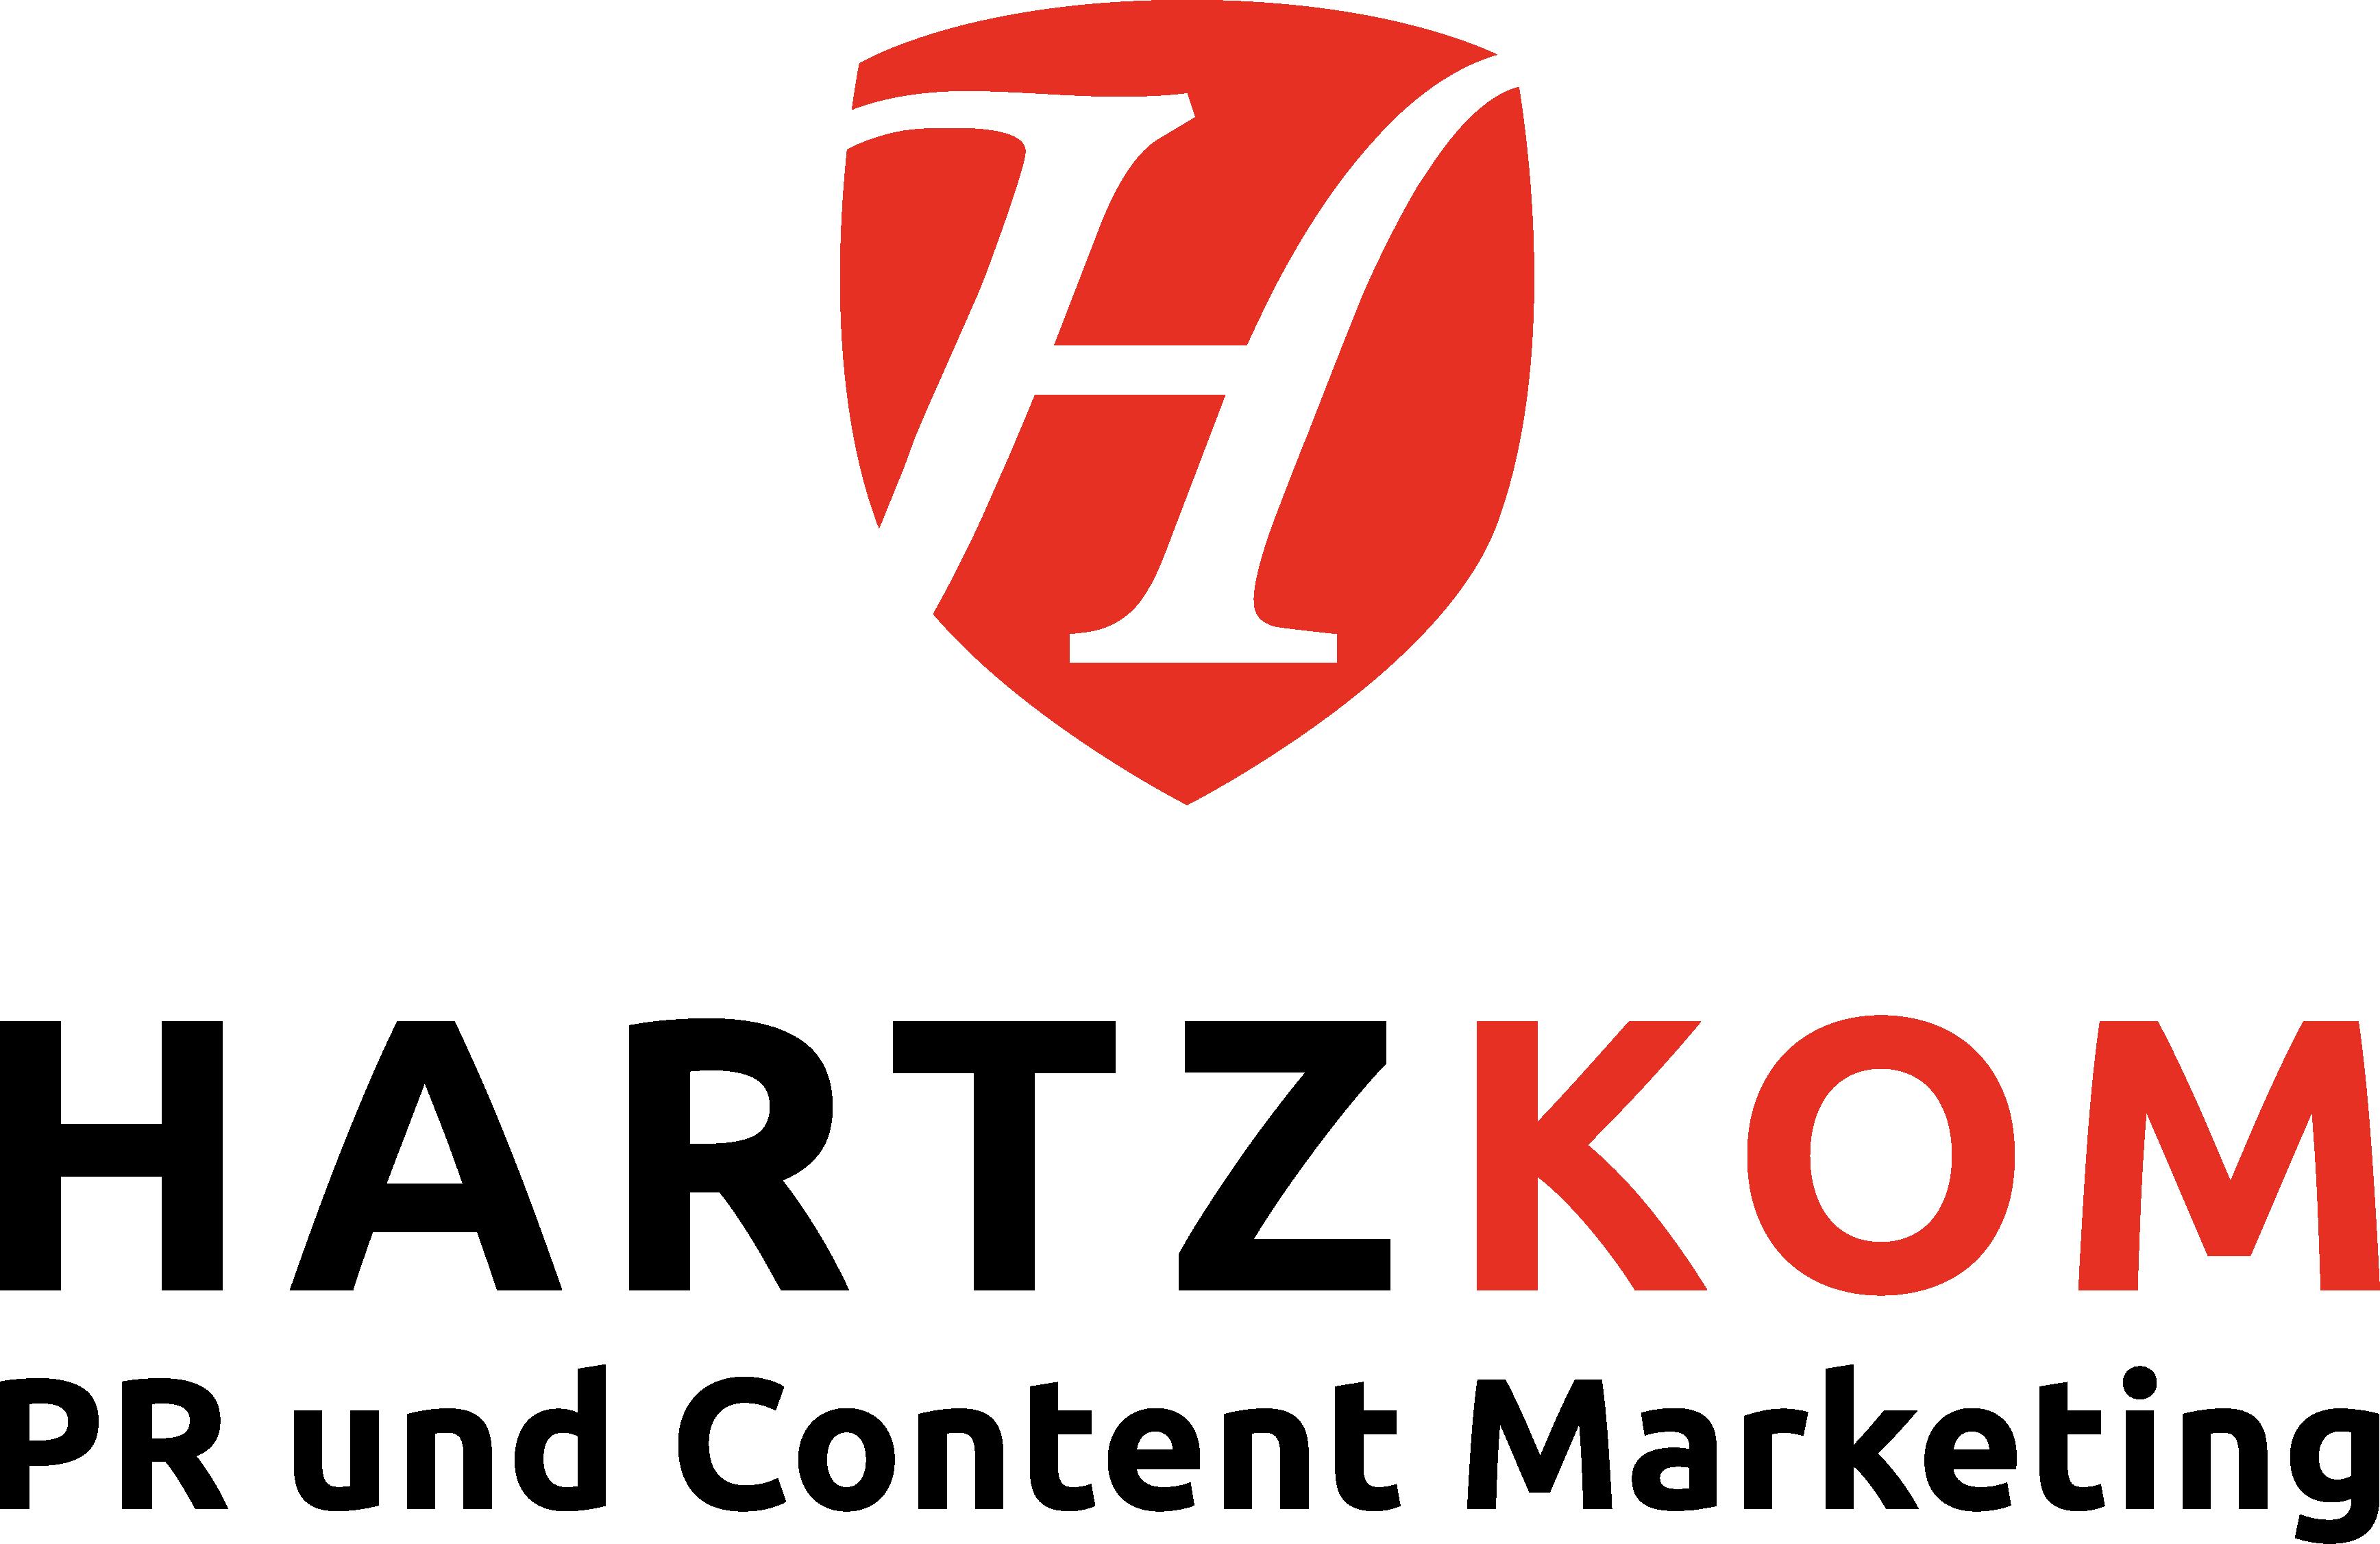 Hartzkom